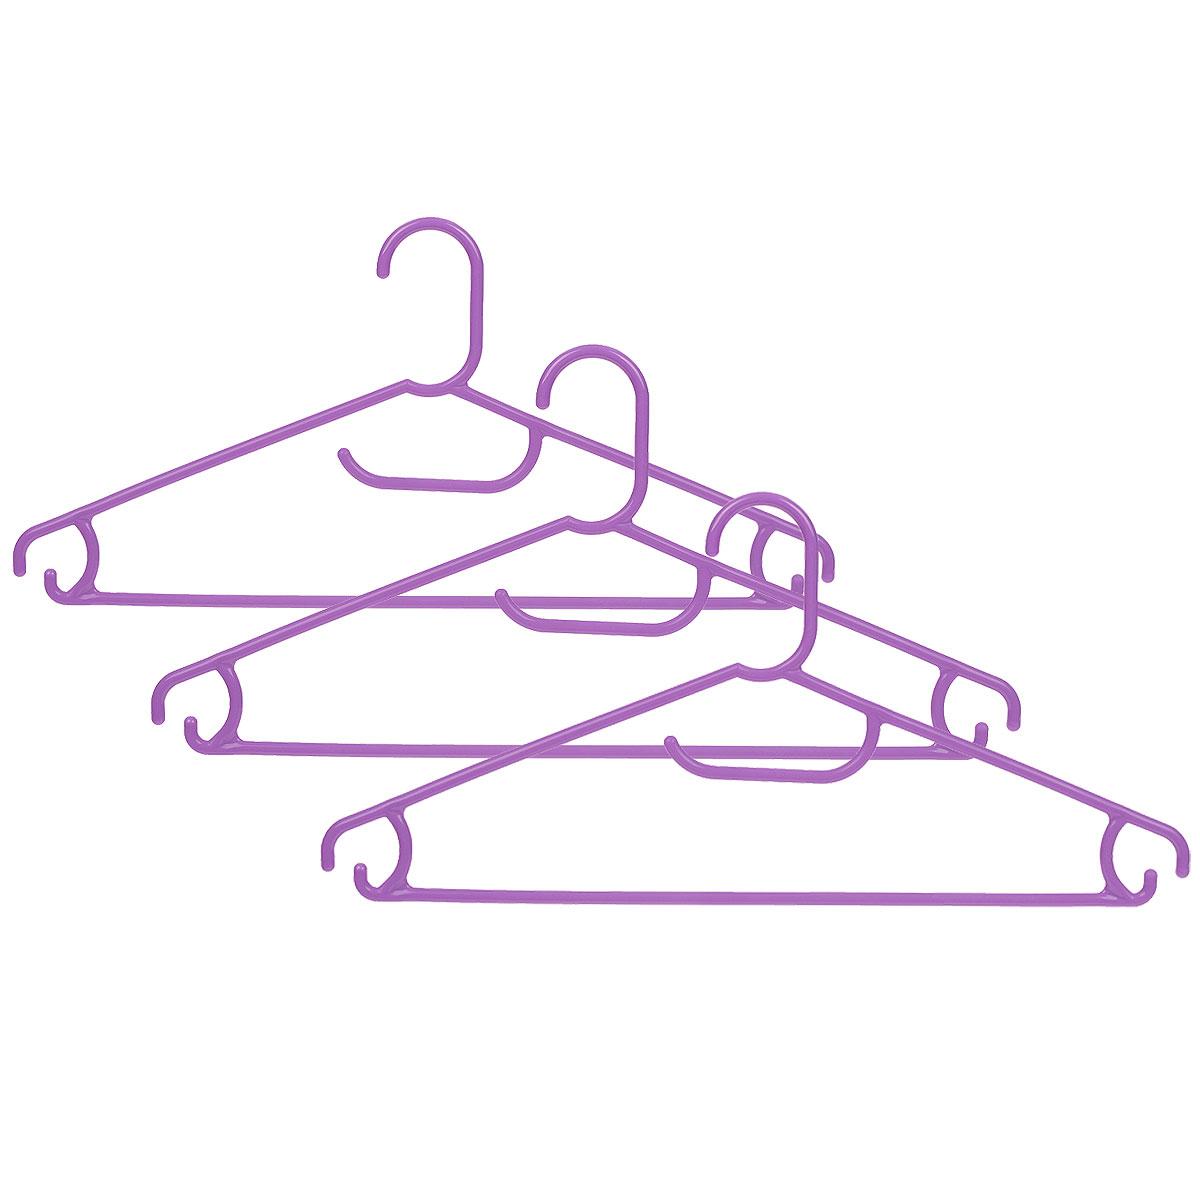 Набор вешалок Econova, цвет: сиреневый, размер 48, 3 штС12354_сиреневыйНабор Econova, выполненный из прочного пластика, состоит из 3 вешалок. Каждое изделие оснащено перекладиной, боковыми крючками, а также крючком для галстуков. Вешалка - это незаменимая вещь для того, чтобы ваша одежда всегда оставалась в хорошем состоянии. Комплектация: 3 шт. Размер одежды: 48.